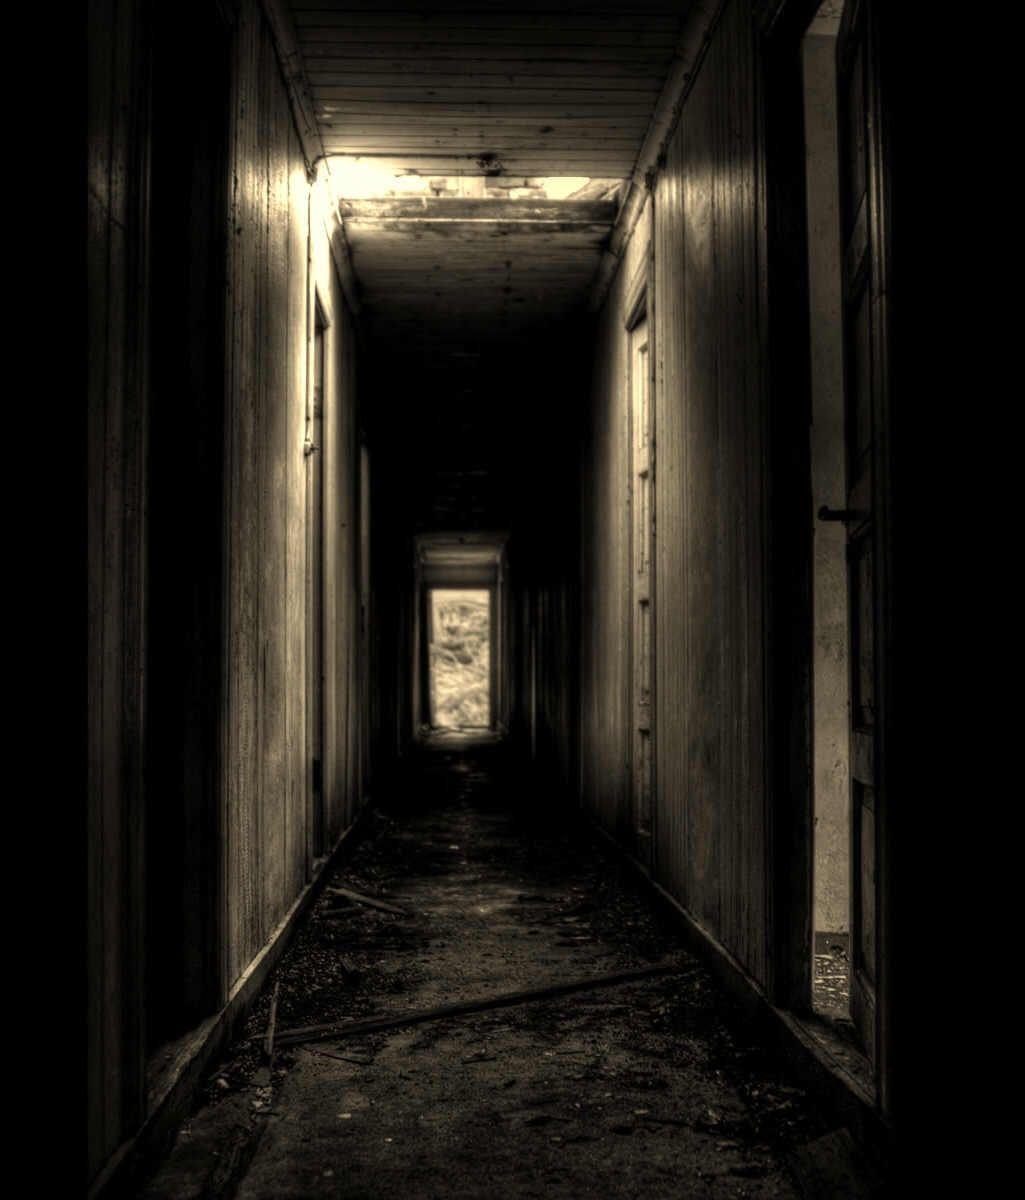 Creepy hallways narrative dreams pinterest - Wallpaper corridor ...